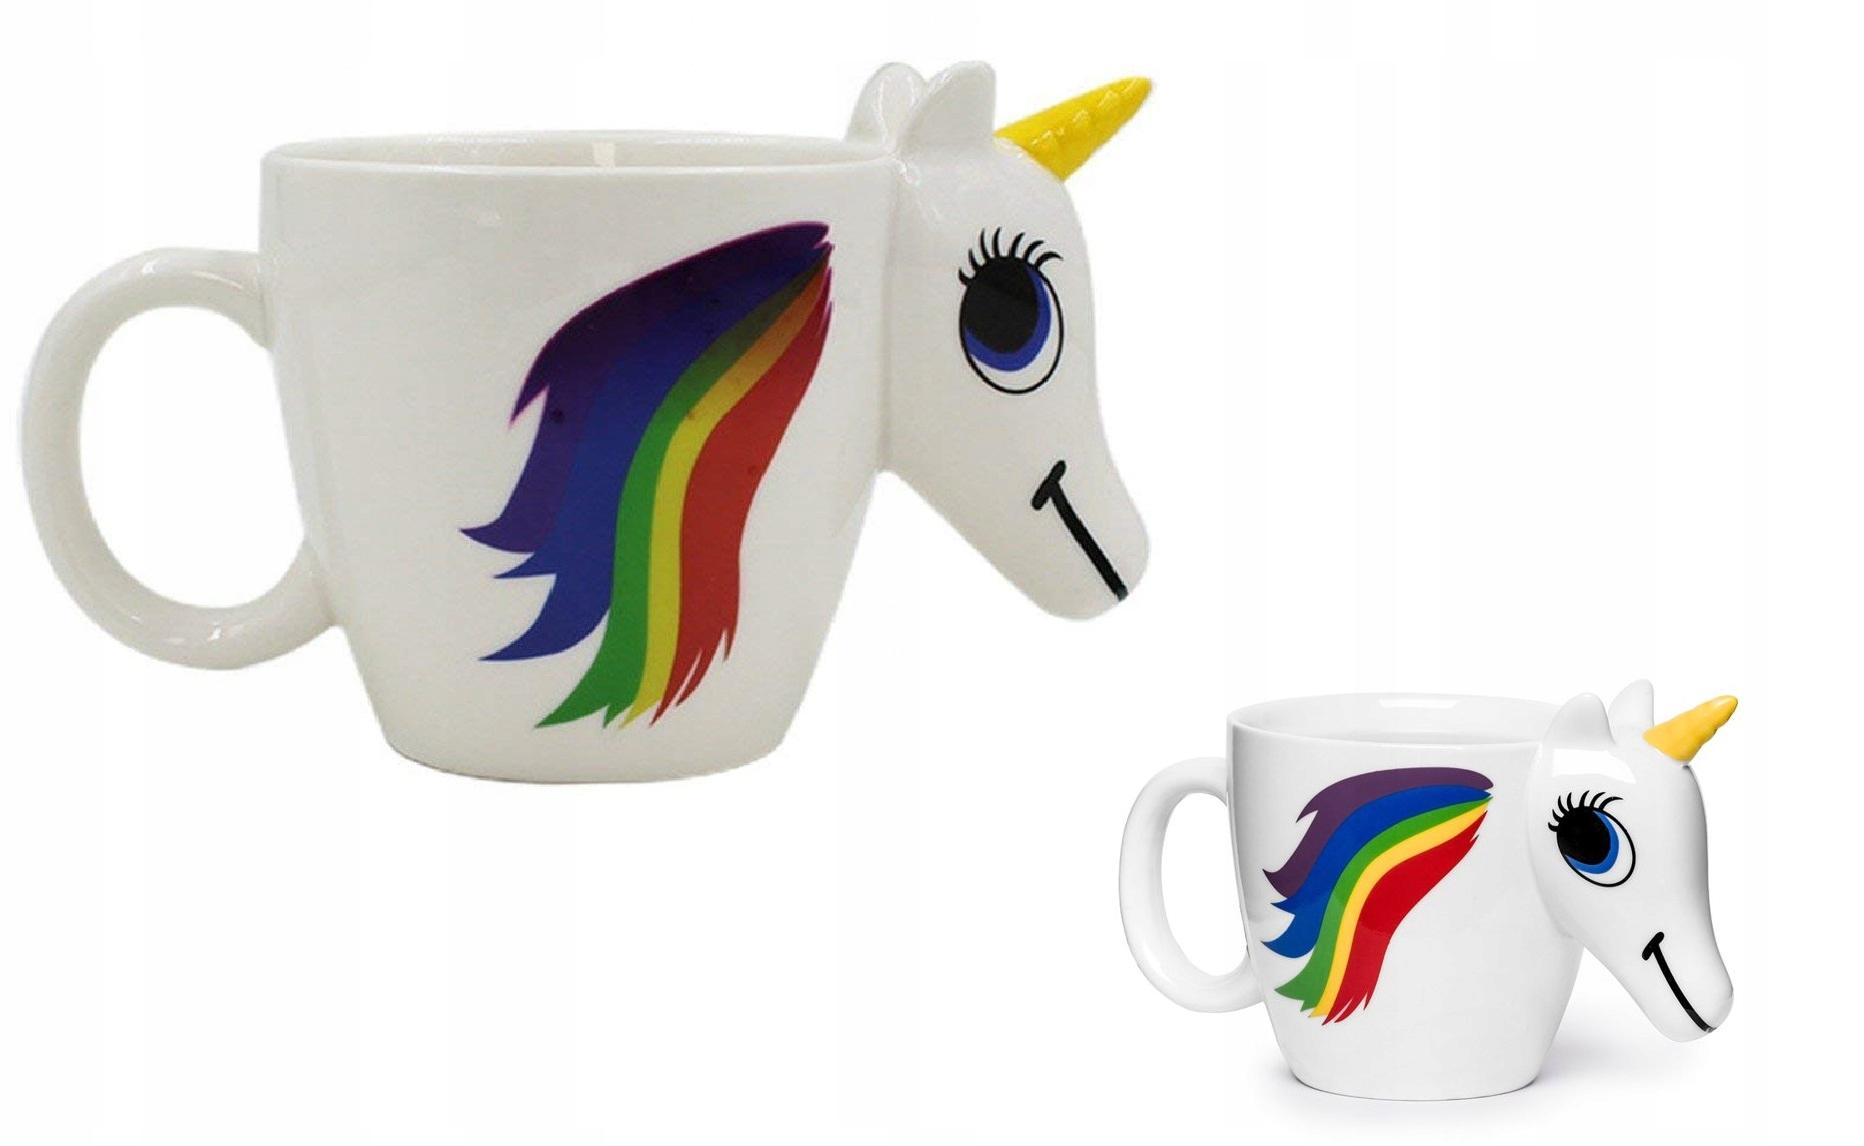 Hrnček Unicorn Magic Zmena čiernej farby